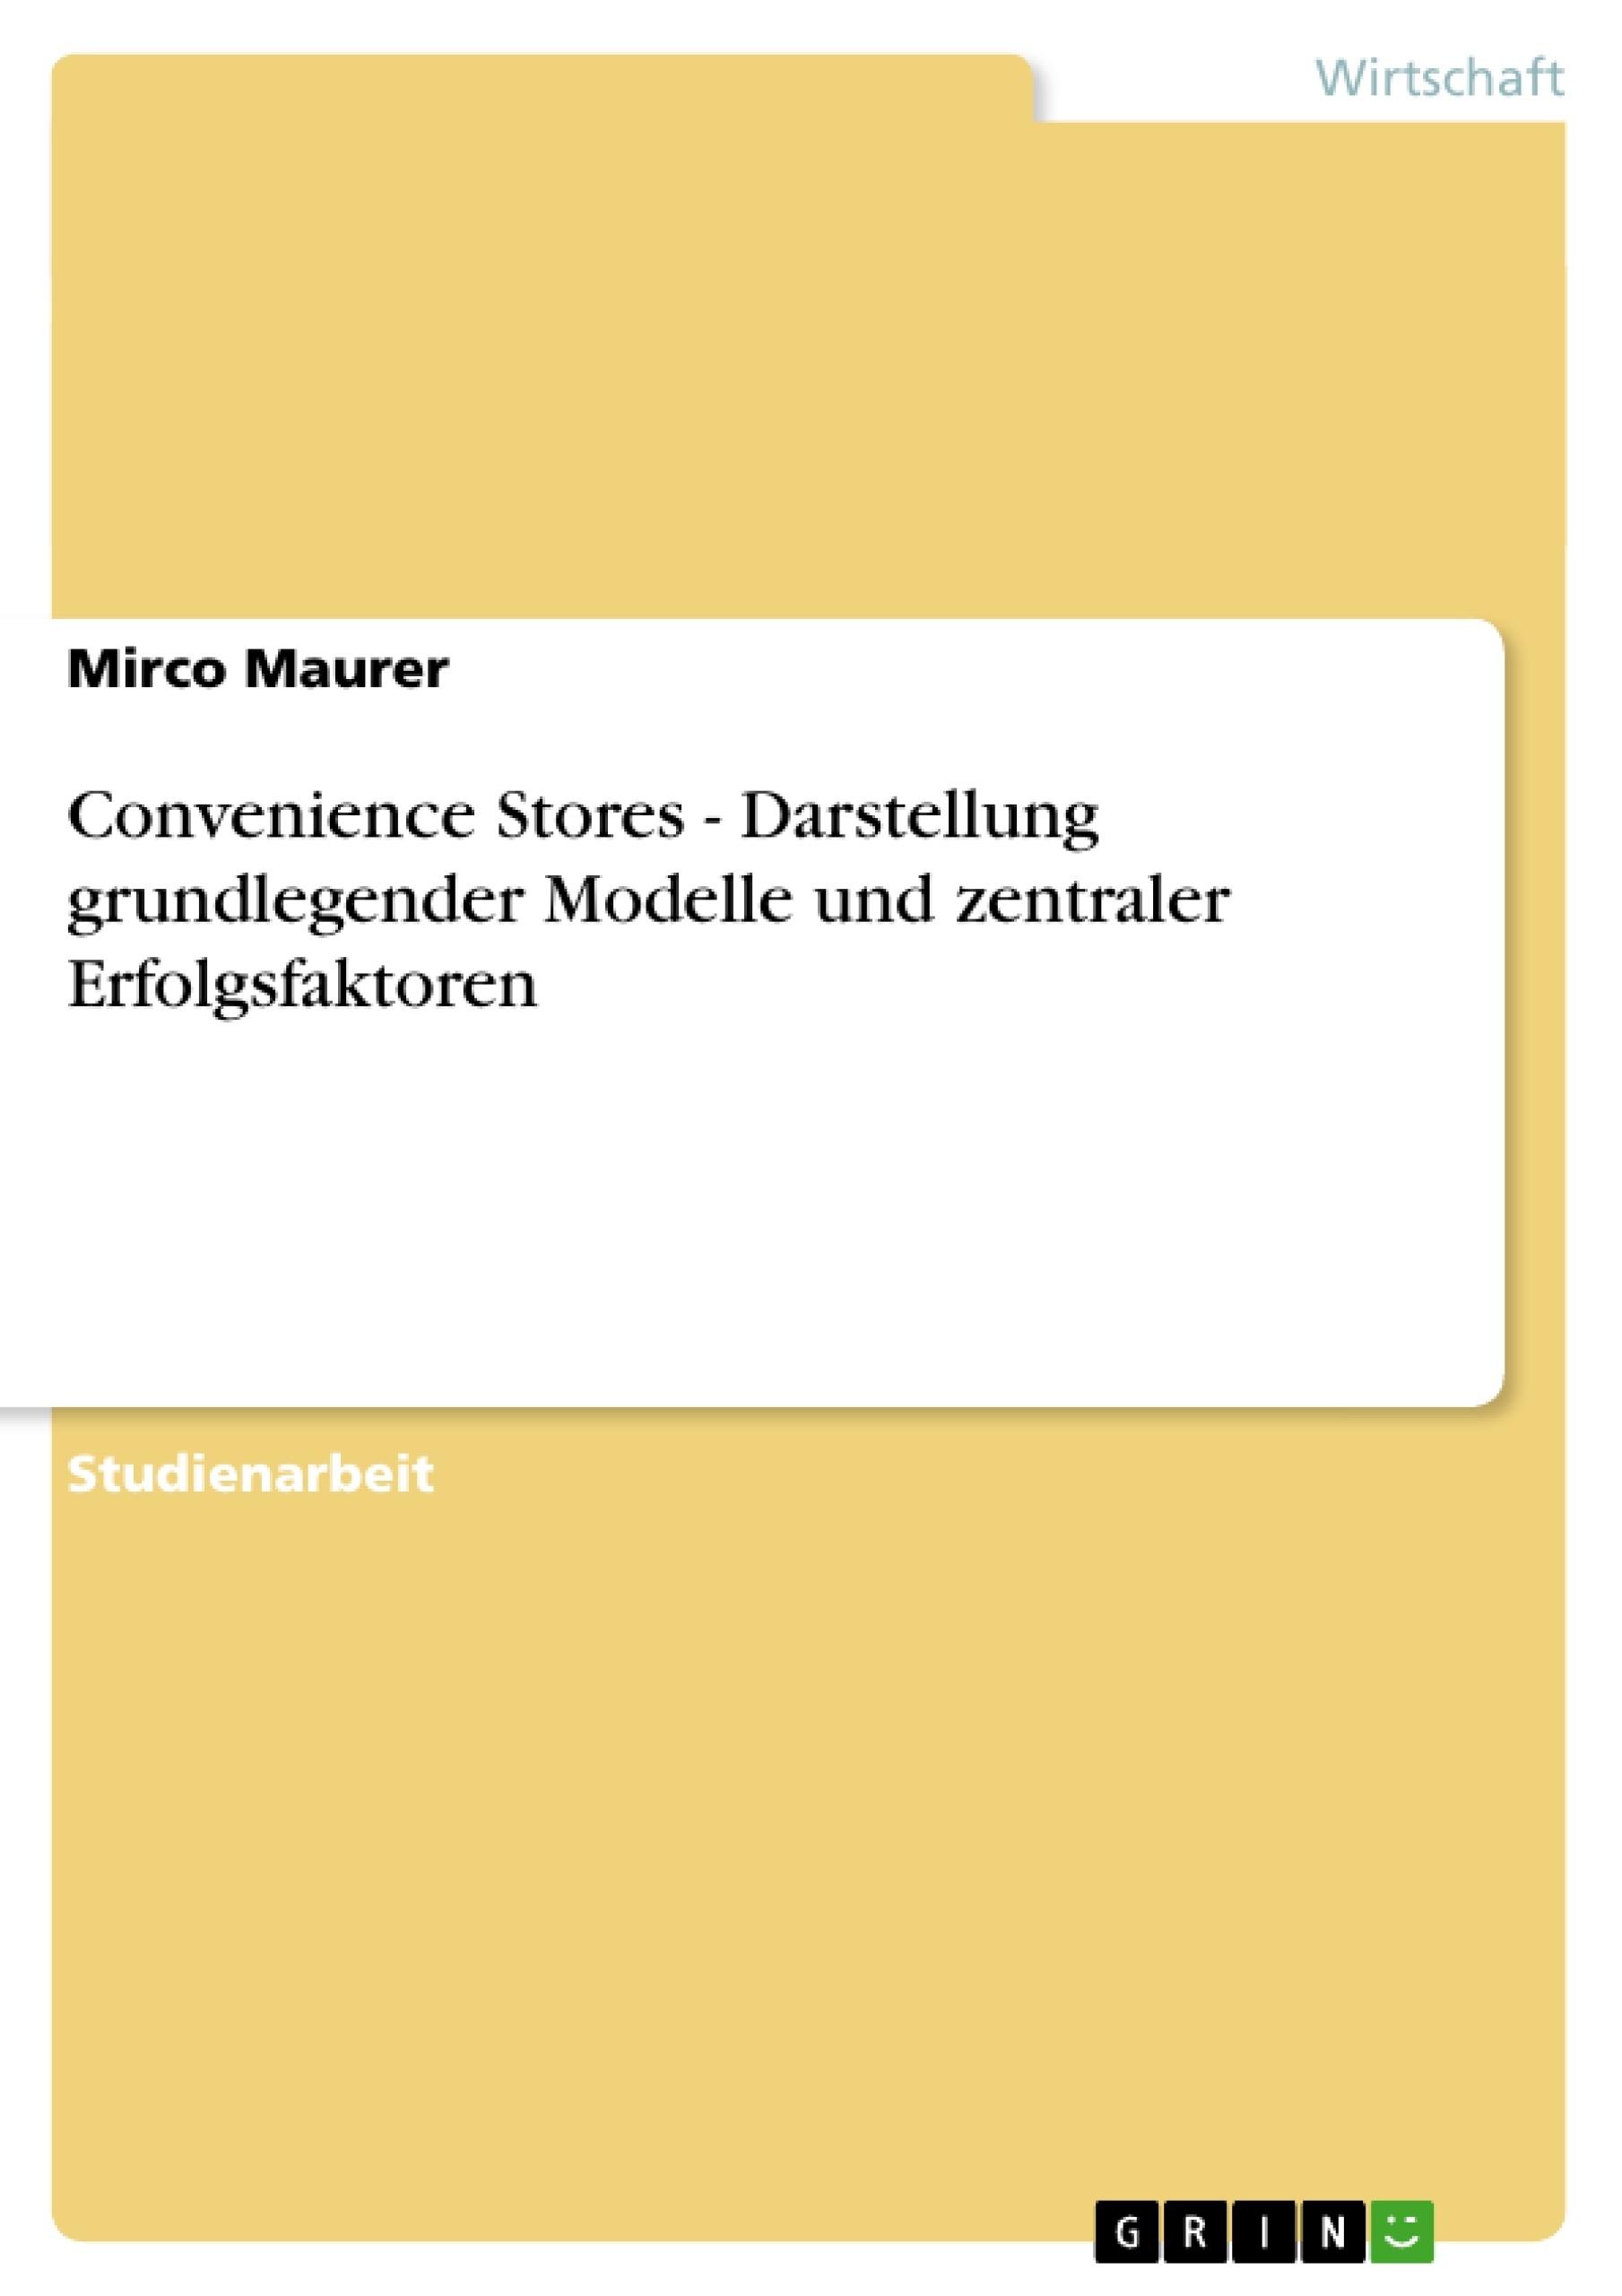 Titel: Convenience Stores - Darstellung grundlegender Modelle und zentraler Erfolgsfaktoren